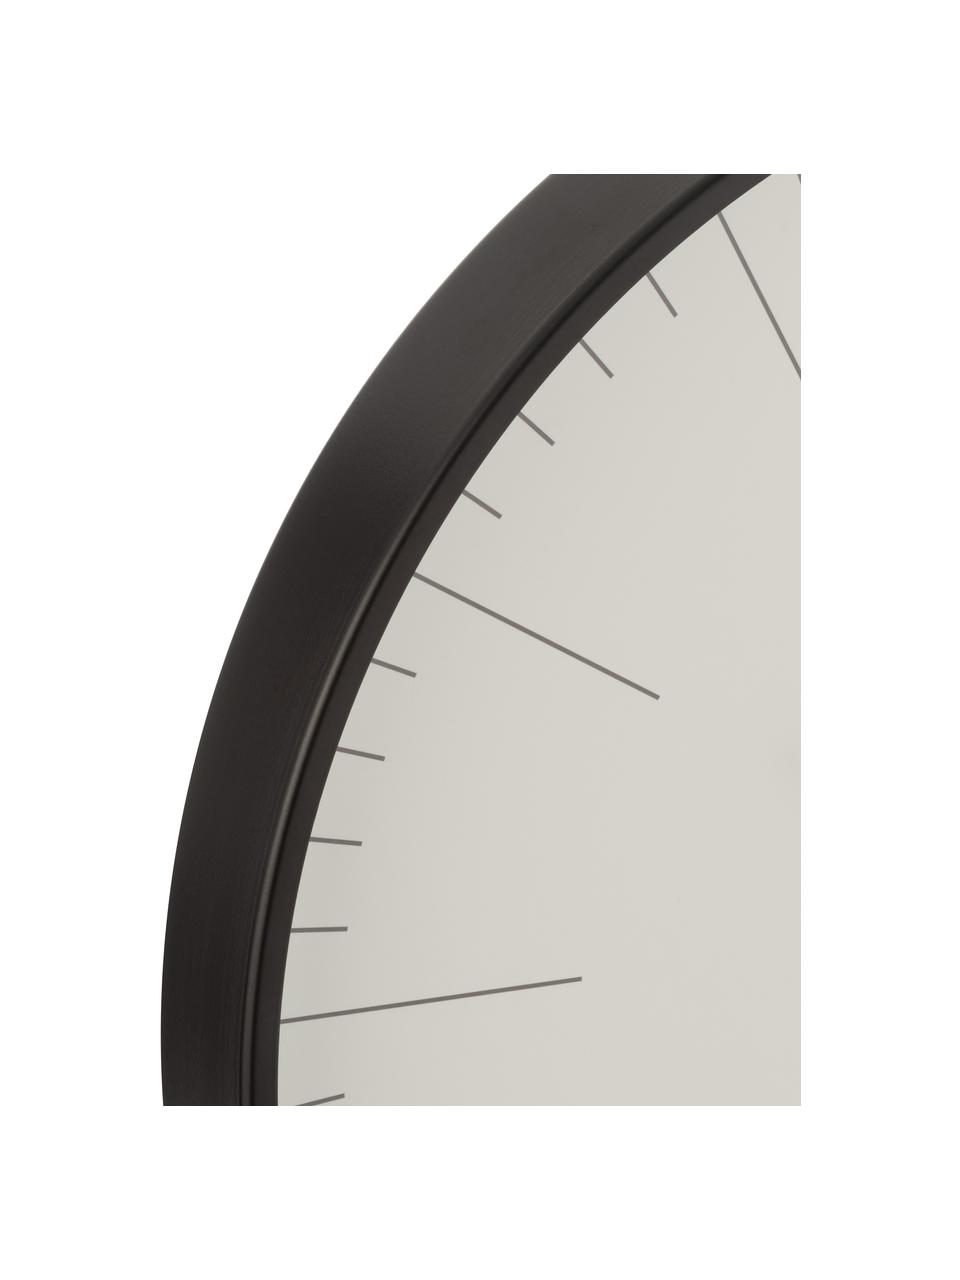 XL Wanduhr Gerbert, Aluminium, beschichtet, Schwarz, Ø 40 cm